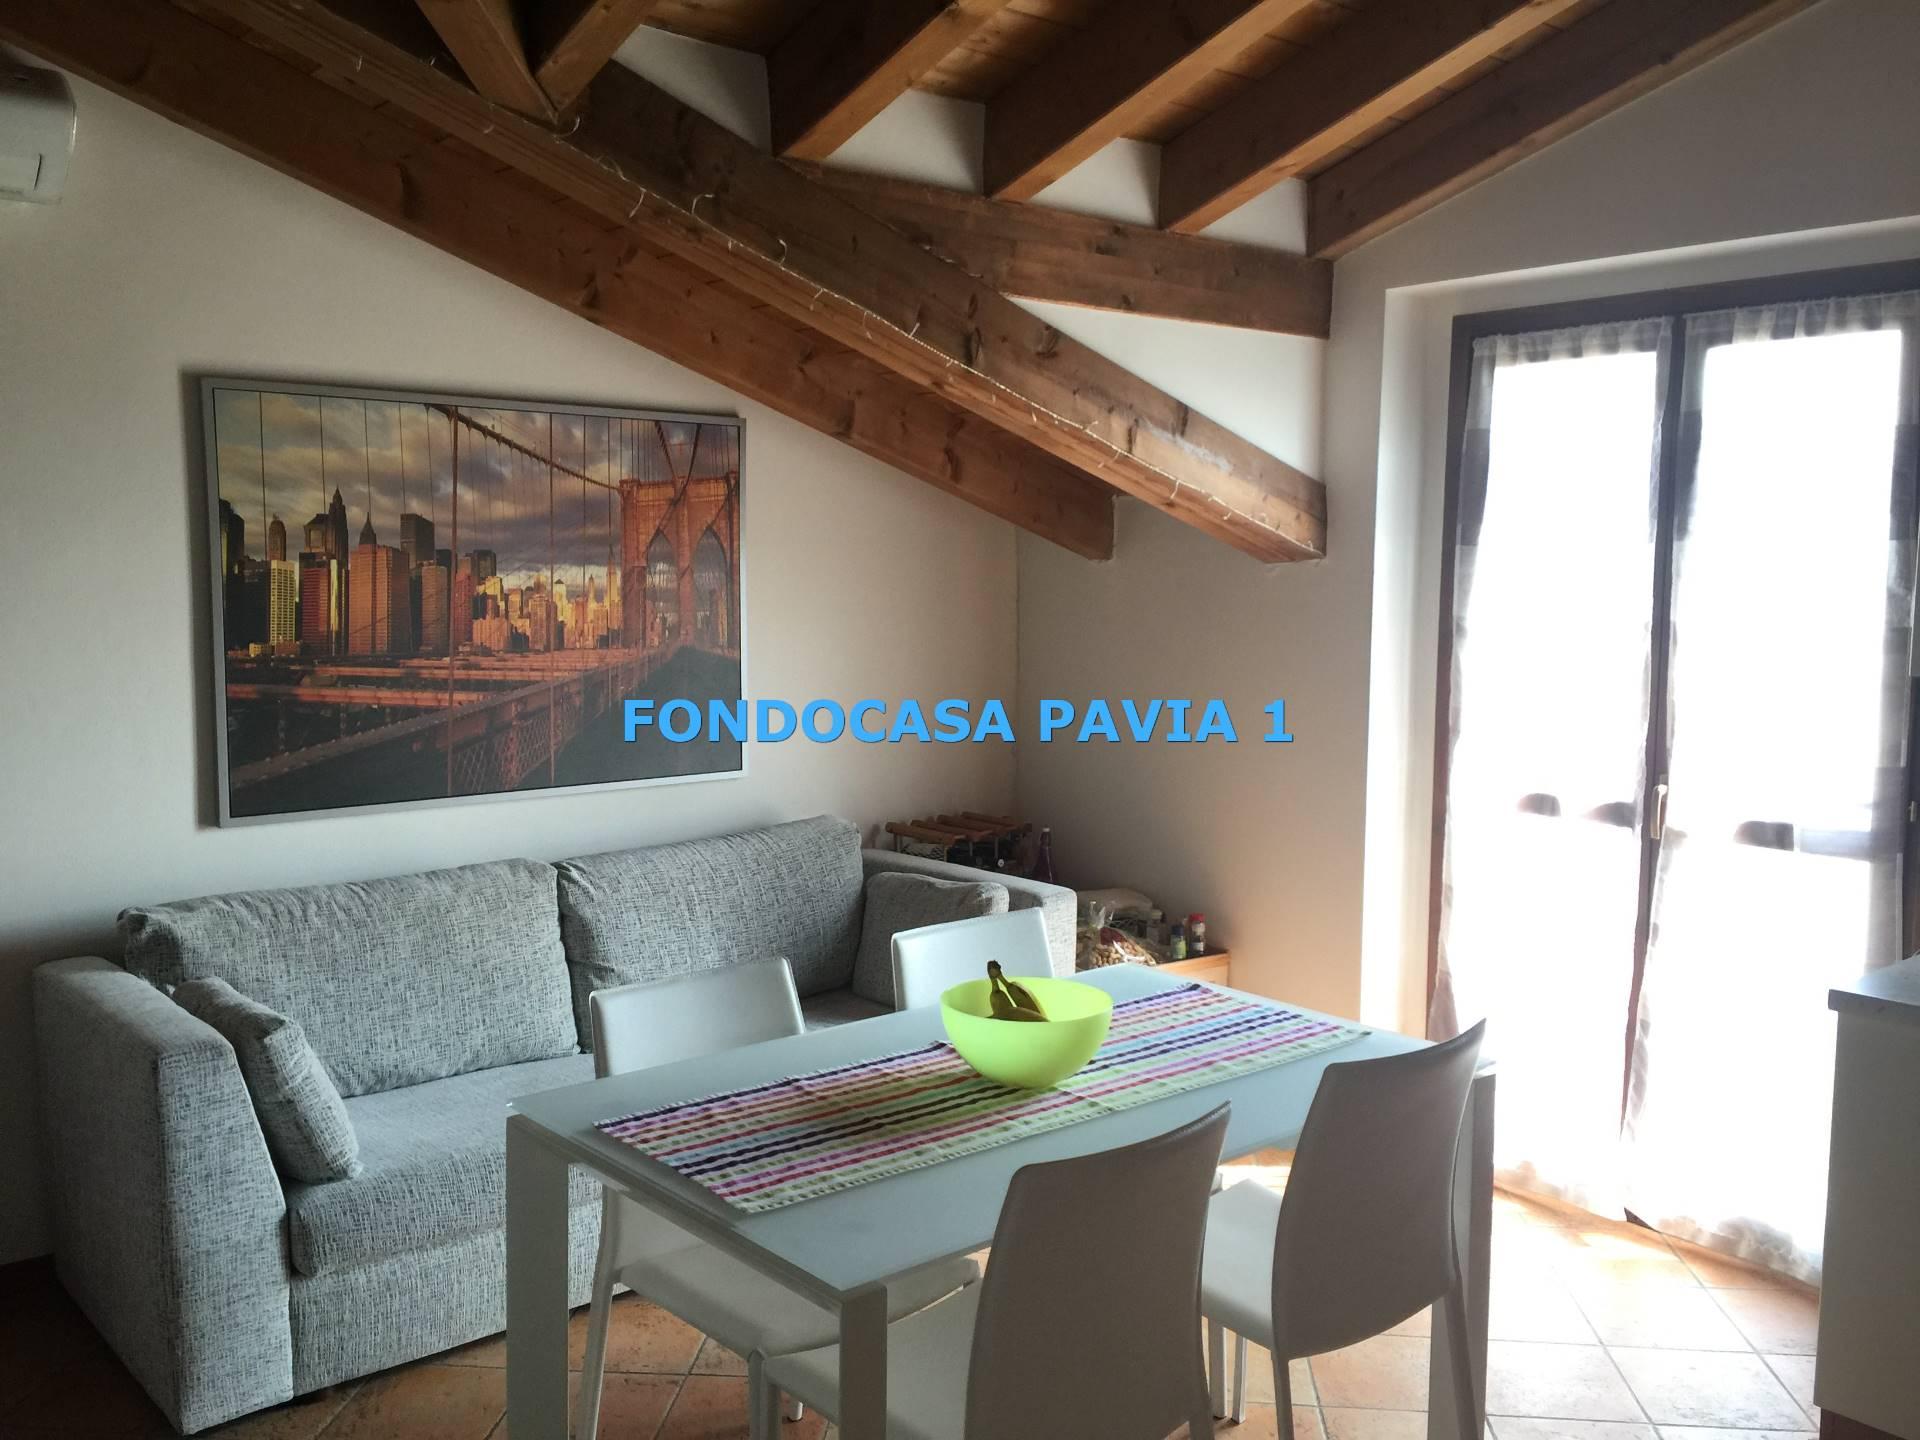 Ufficio Casa Pavia : Appartamenti pavia in vendita